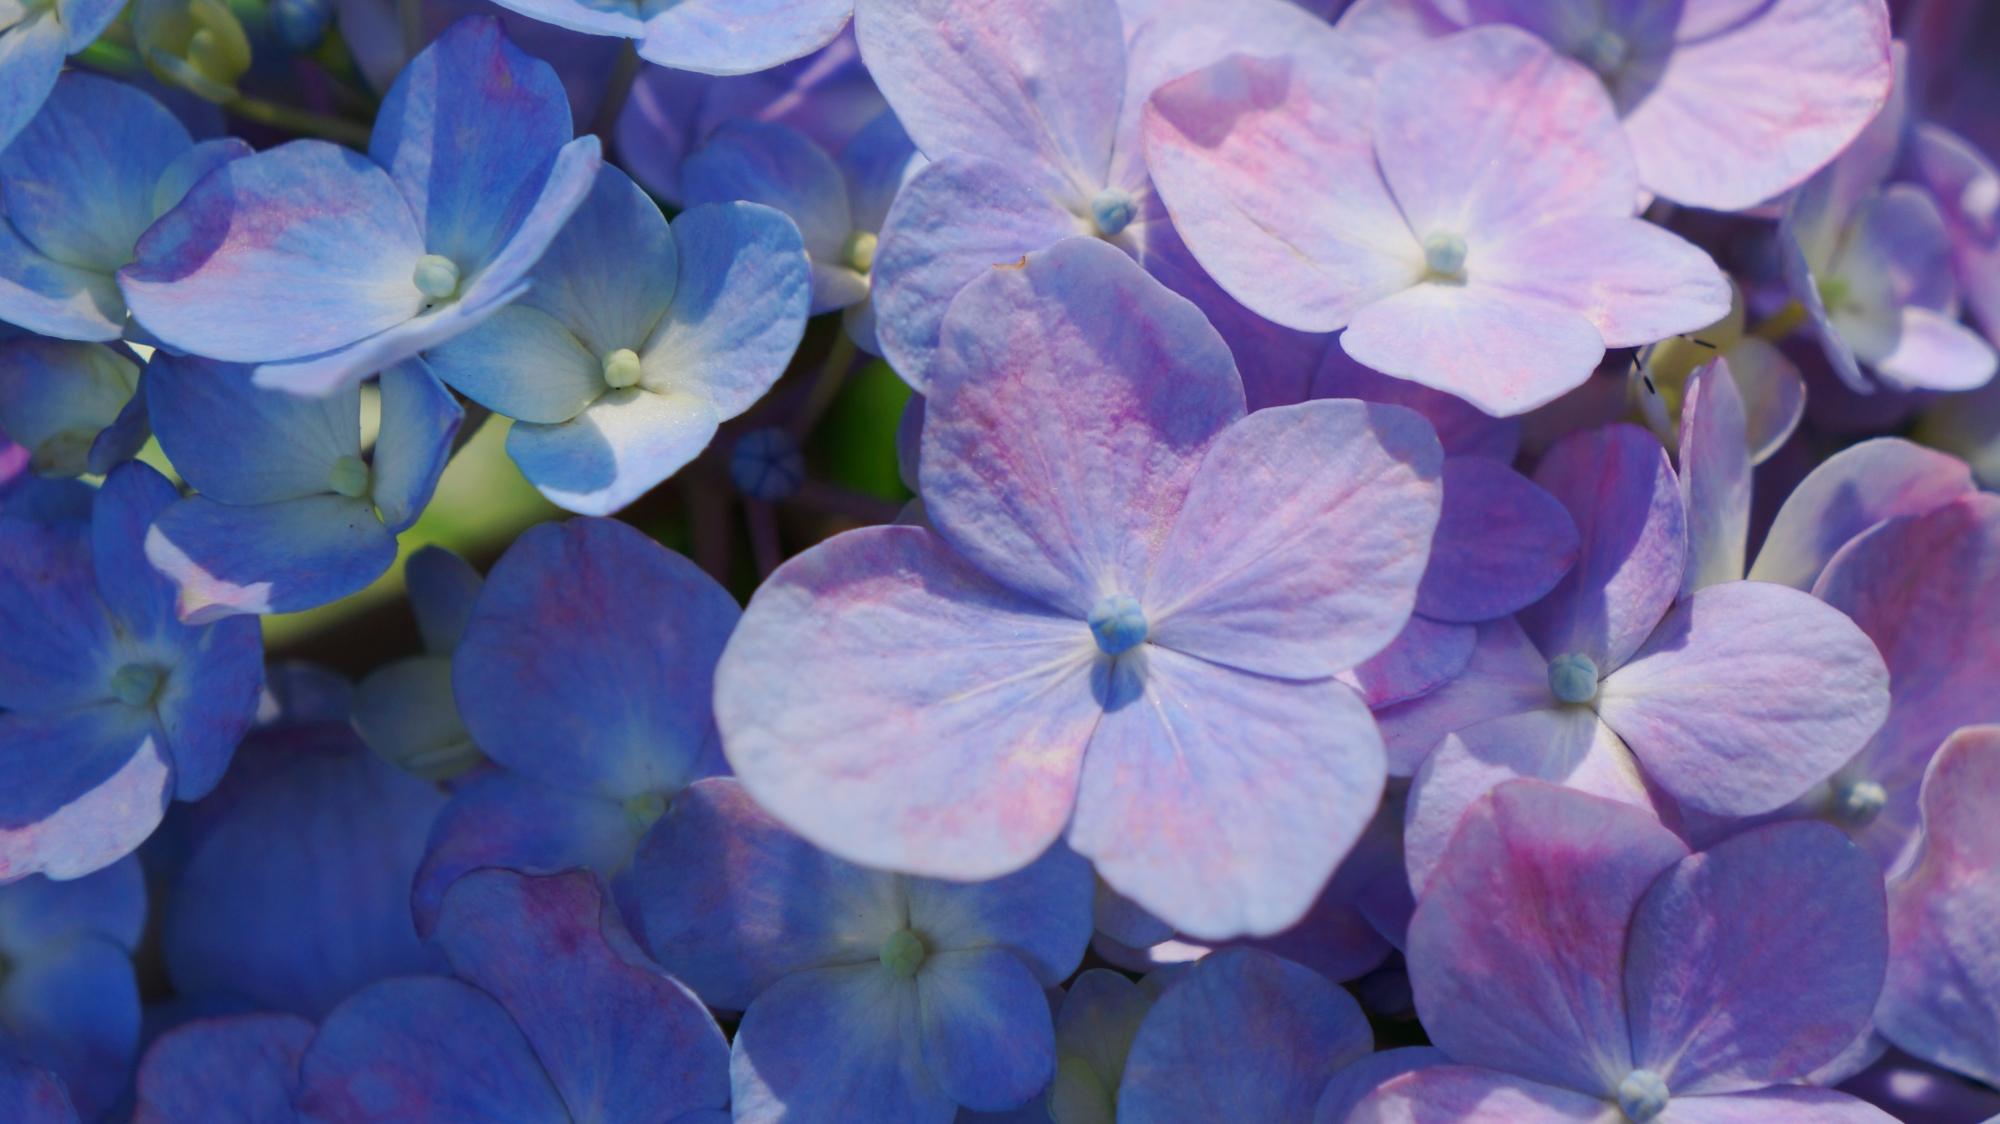 藤森神社 紫陽花 華やかな伏見のあじさい祭り